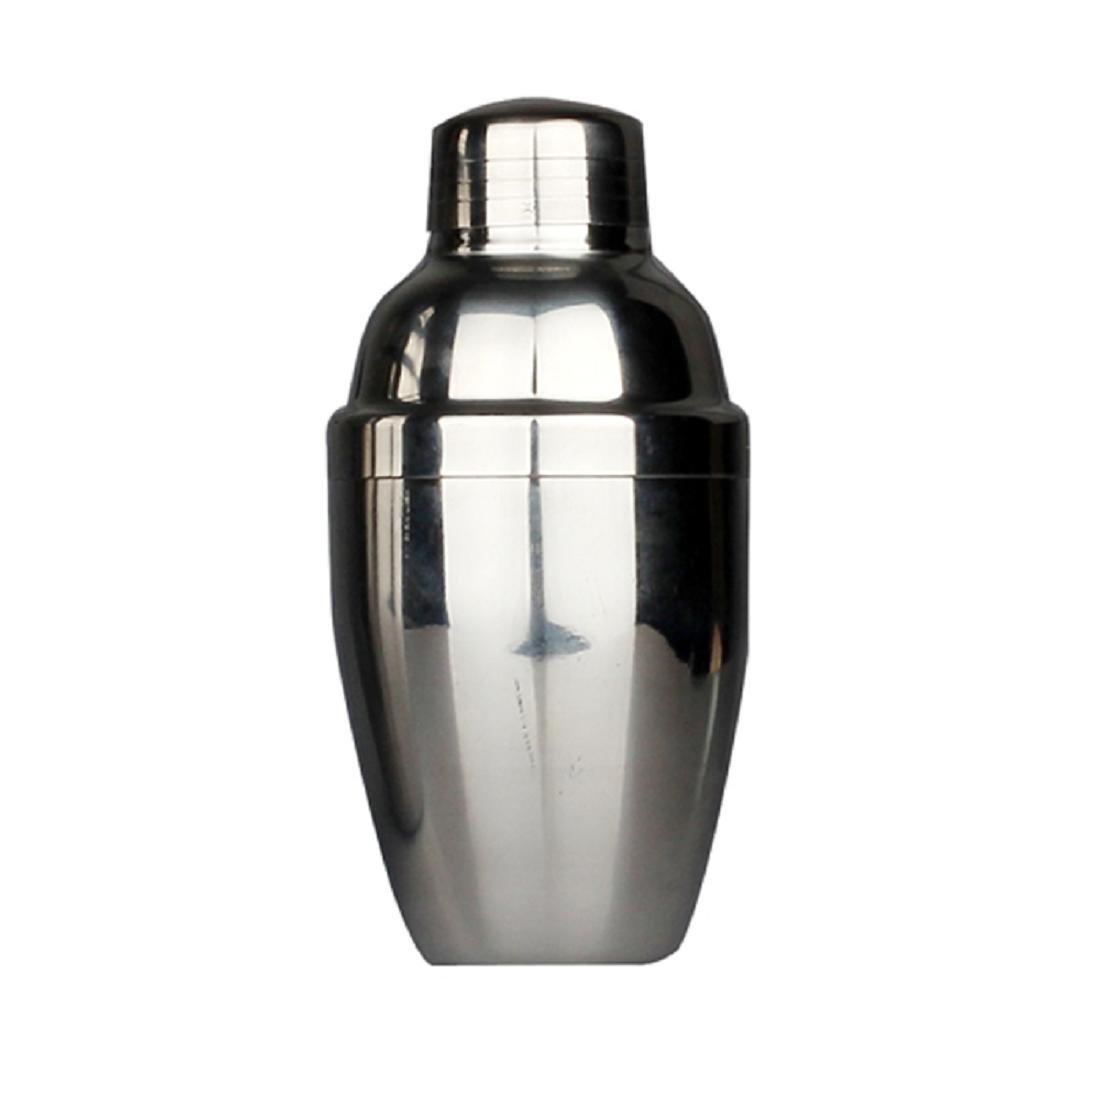 Coromose Stainless Steel Cocktail Shaker Martini Bartender Shaker Drink (250ML)